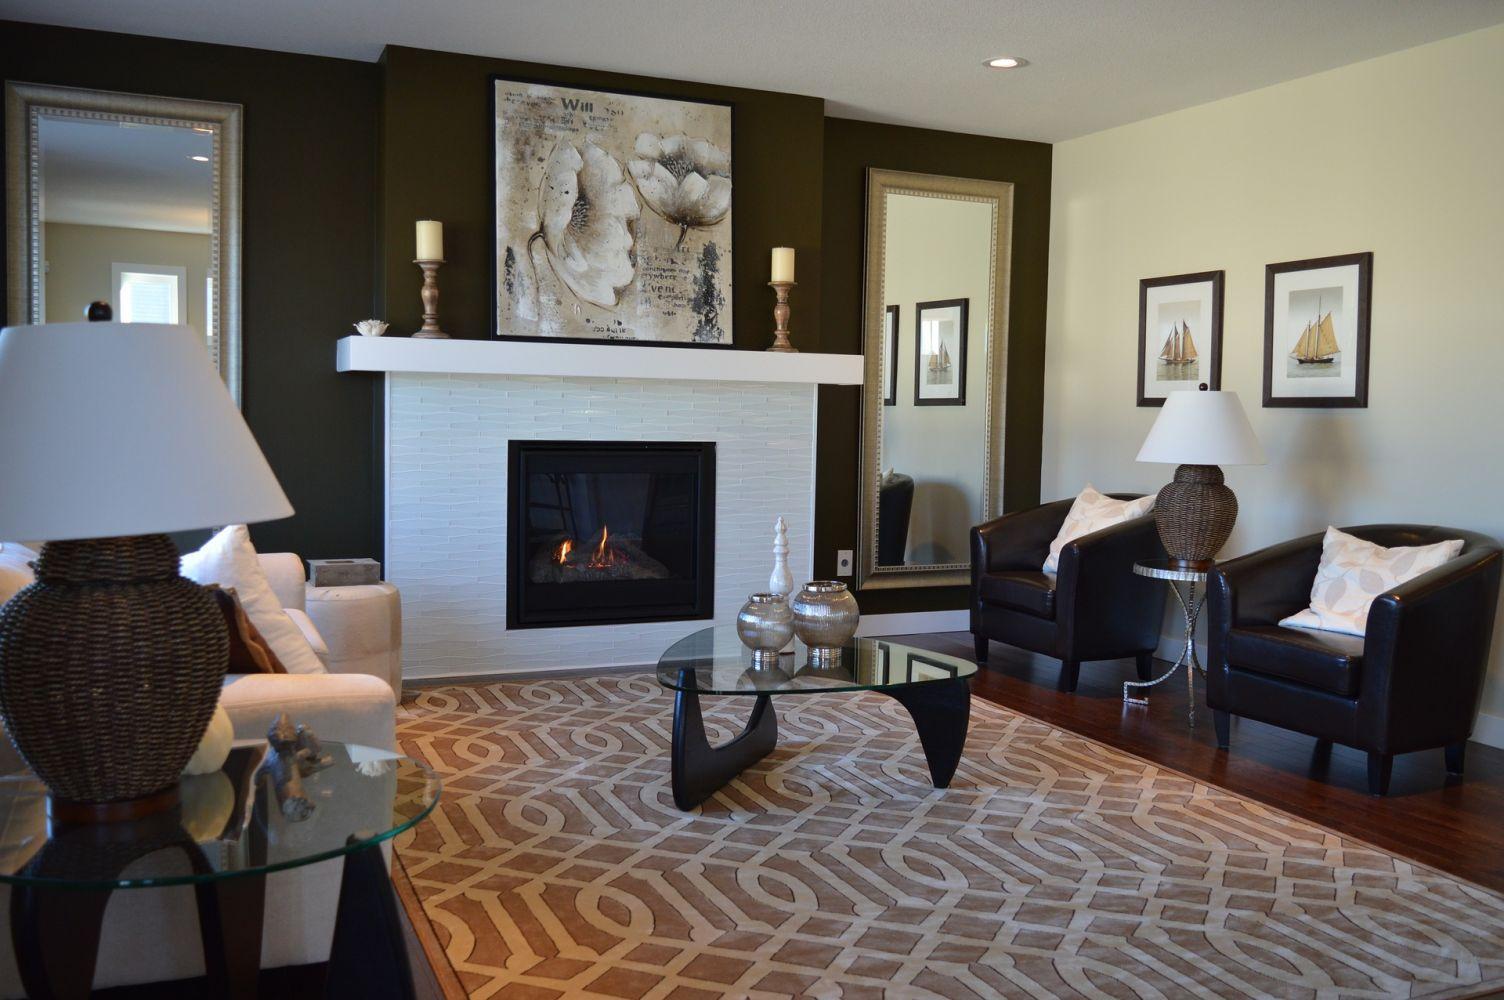 canap s et meubles design plan de campagne meuble et d coration marseille mobilier design. Black Bedroom Furniture Sets. Home Design Ideas